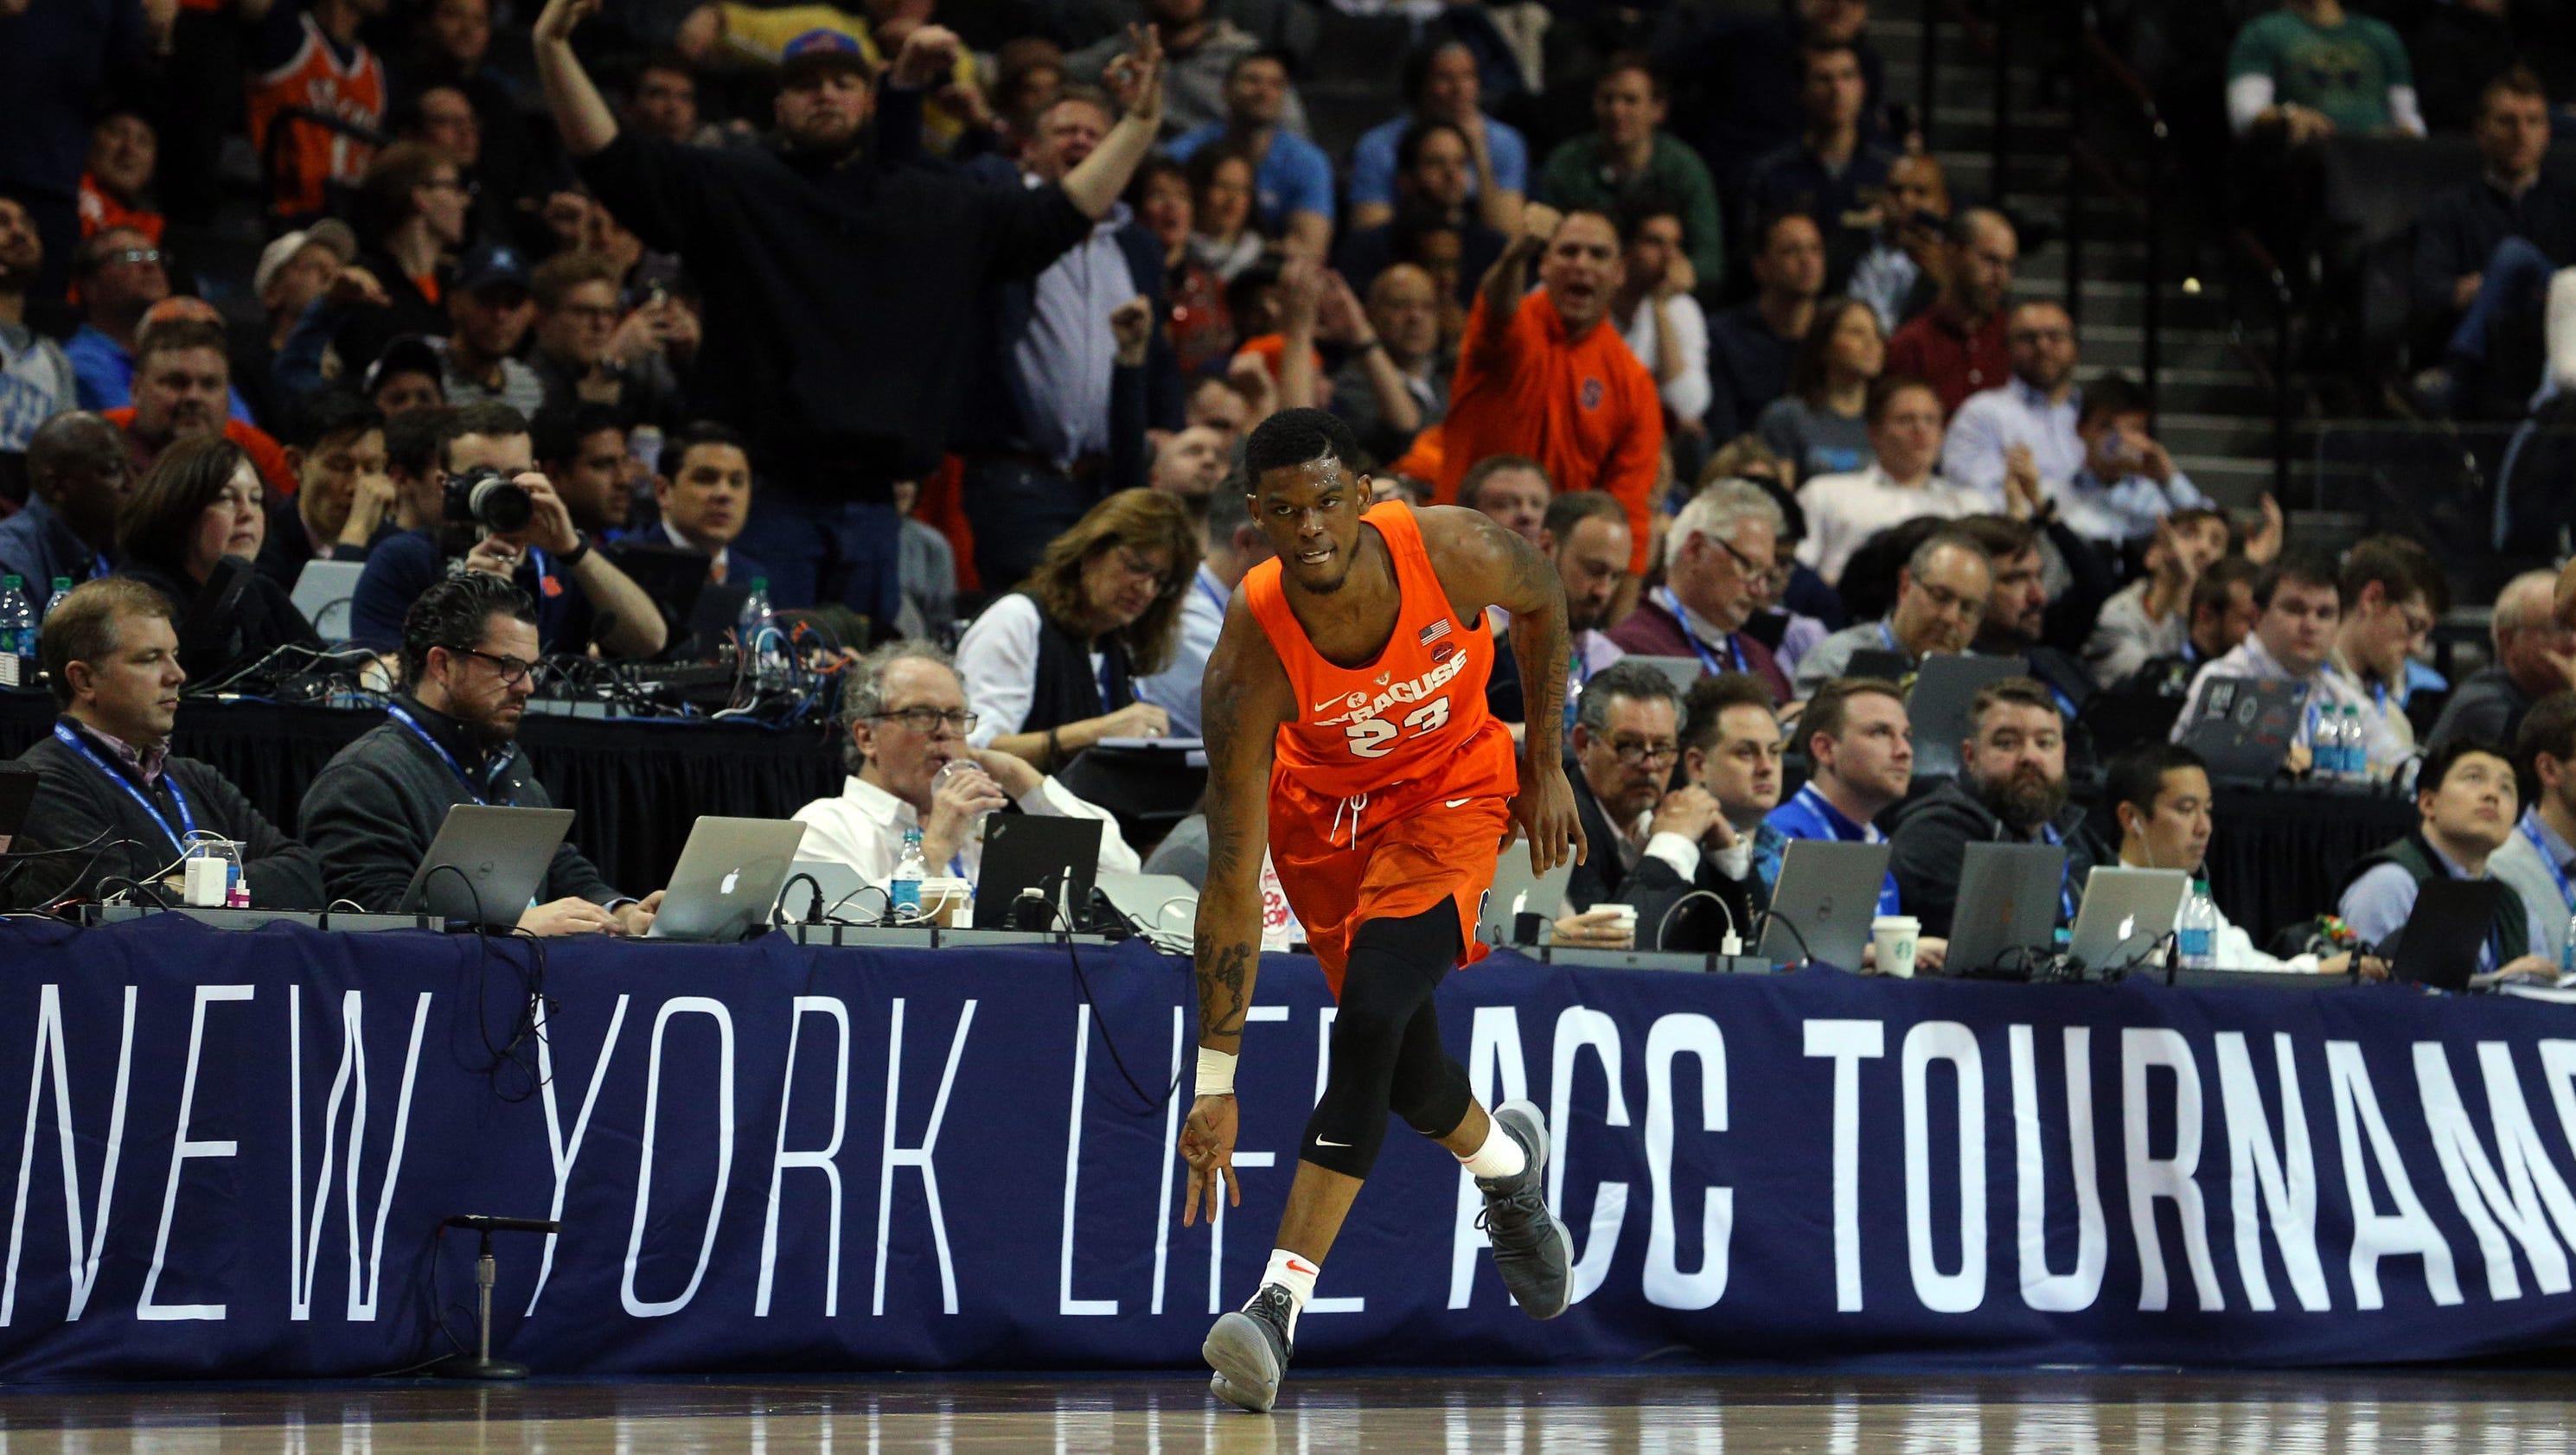 NCAA Tournament First Four ASU vs Syracuse game breakdown